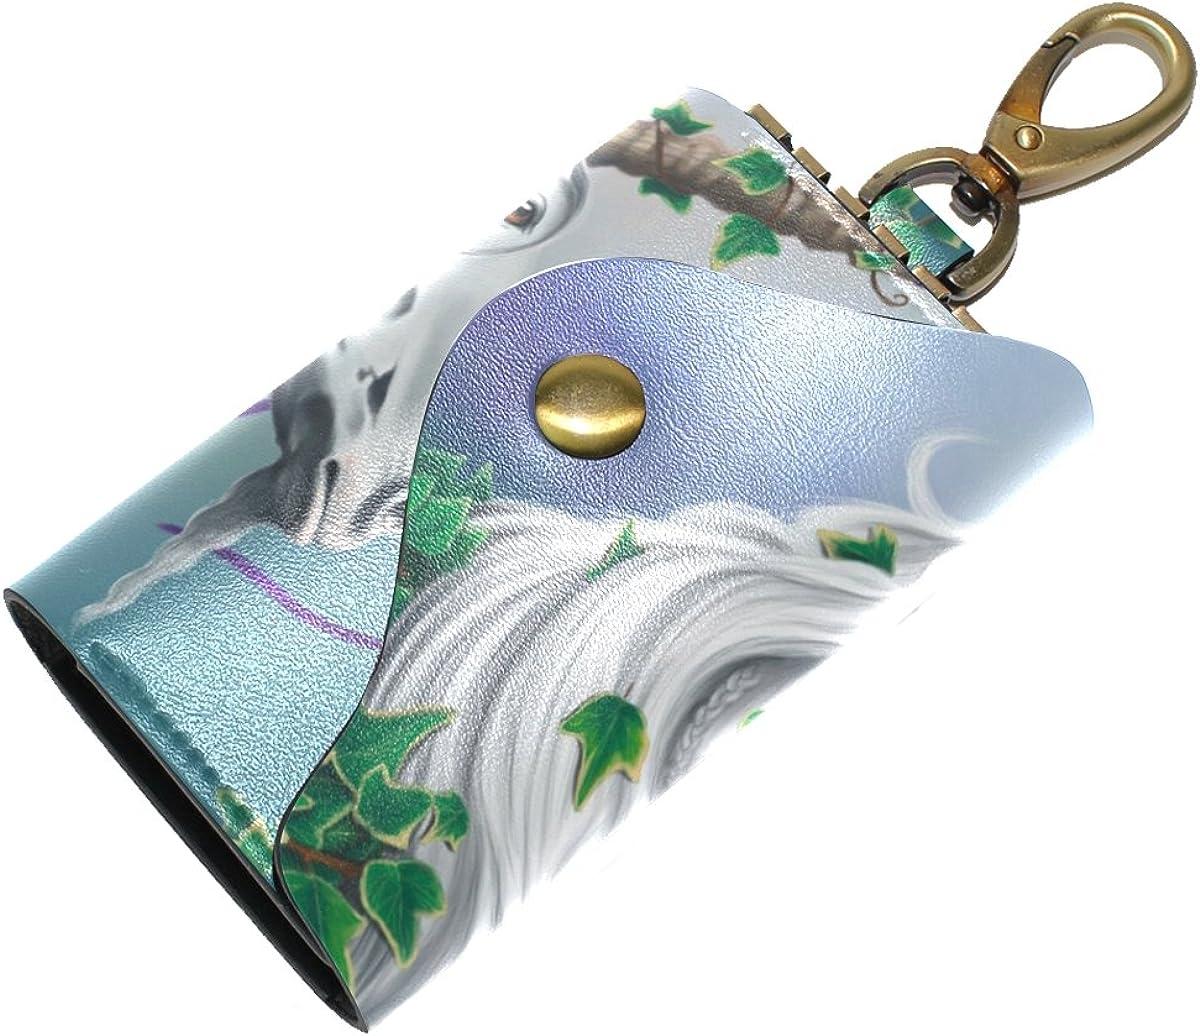 DEYYA Evander The Unicorn Leather Key Case Wallets Unisex Keychain Key Holder with 6 Hooks Snap Closure